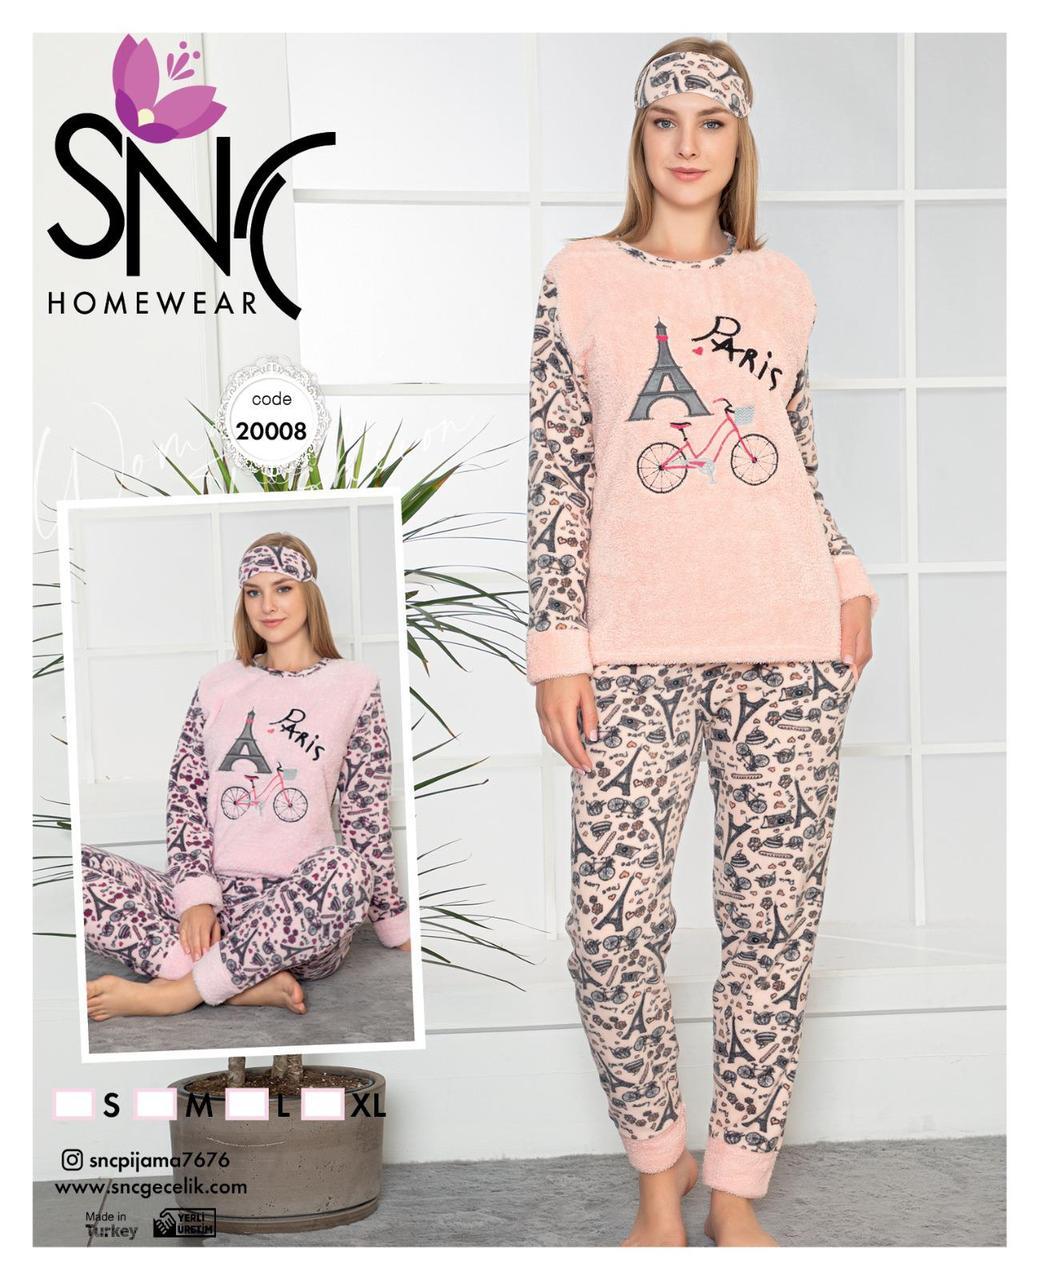 Жіноча флісова піжама з пов'язкою SNC Homewear Paris